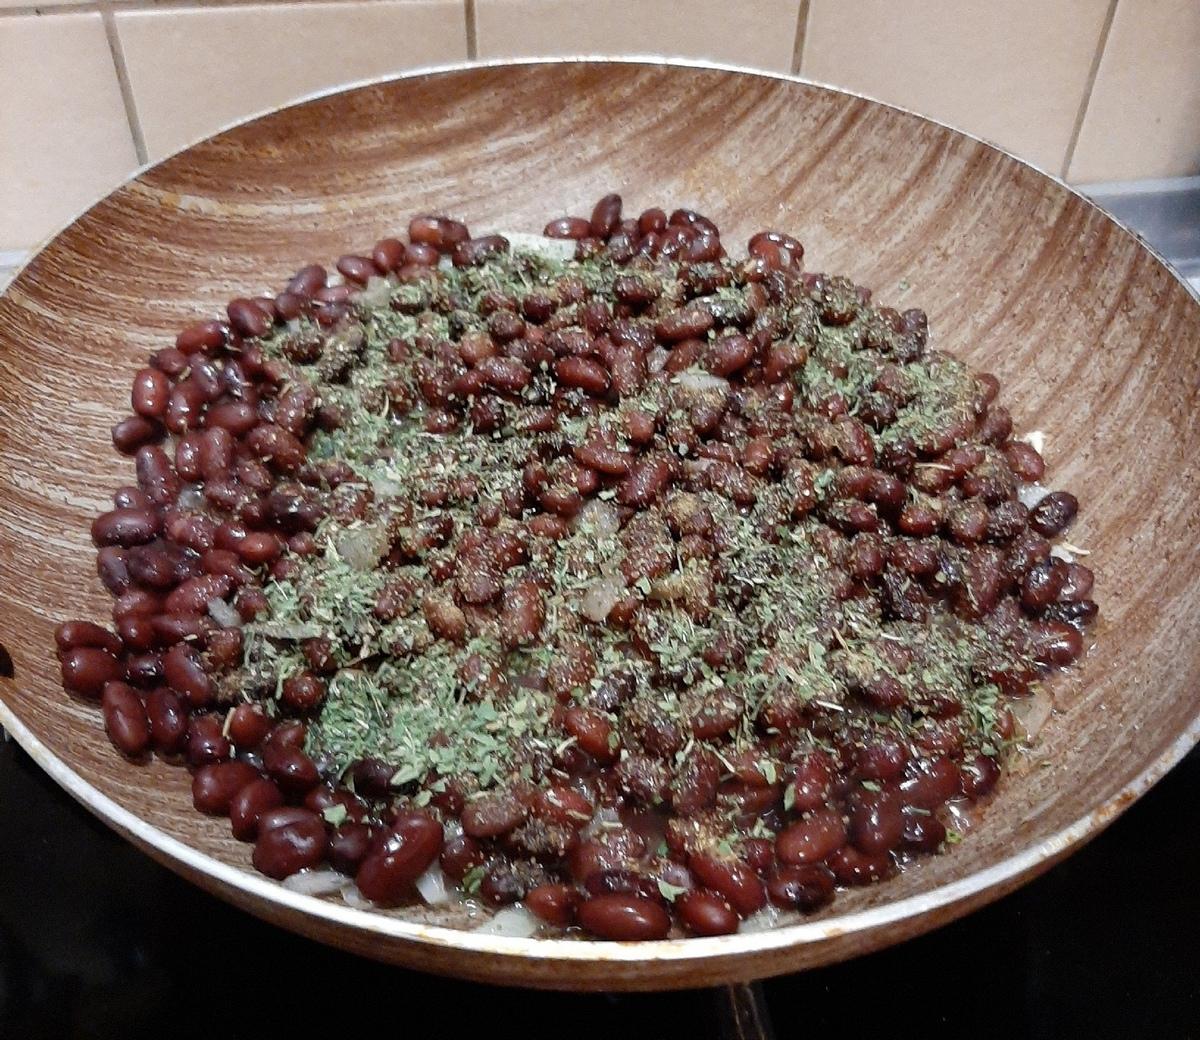 Когда лук стал полупрозрачным, выкладываем на сковороду фасоль, солим, добавляем хмели-сунели и кинзу или петрушку. Фото: Анна РОМАНОВА-КОЛОСОВСКАЯ